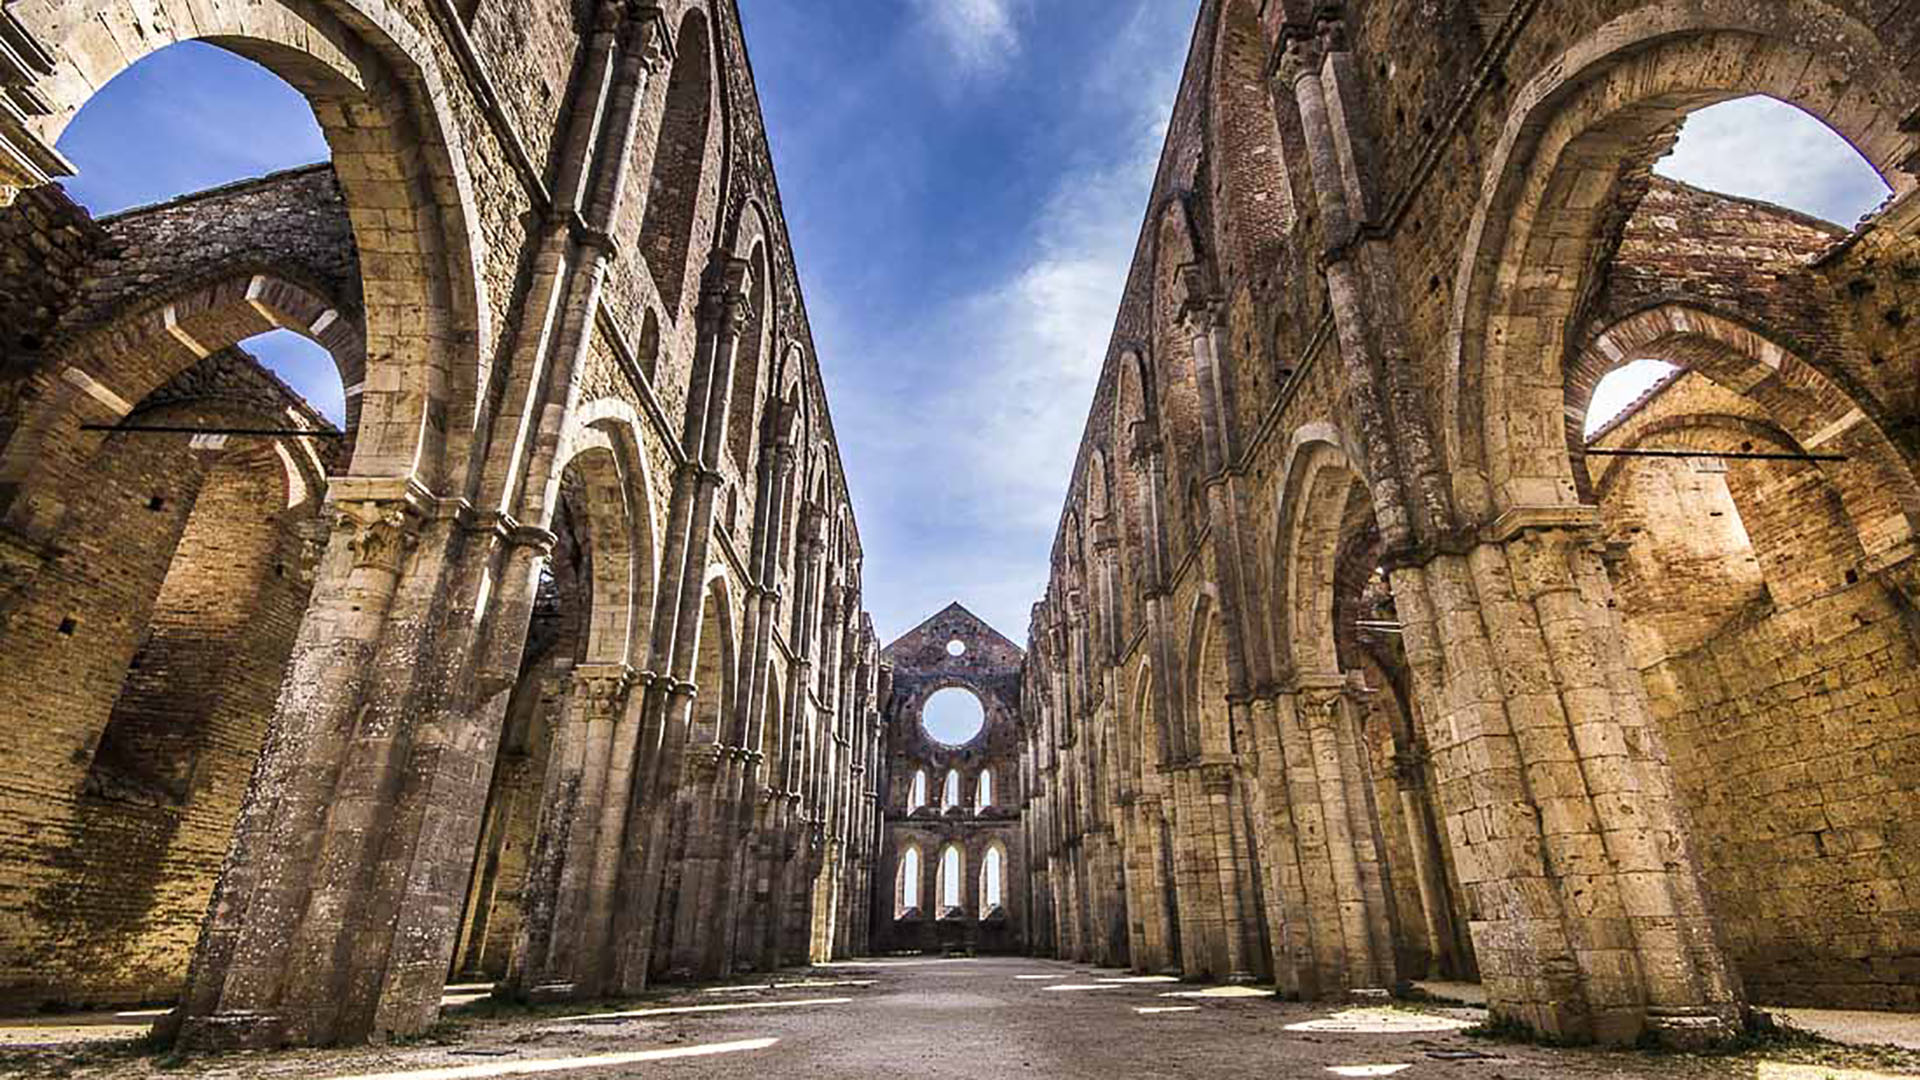 Abbazia di San Galgano: la Chiesa Senza Tetto